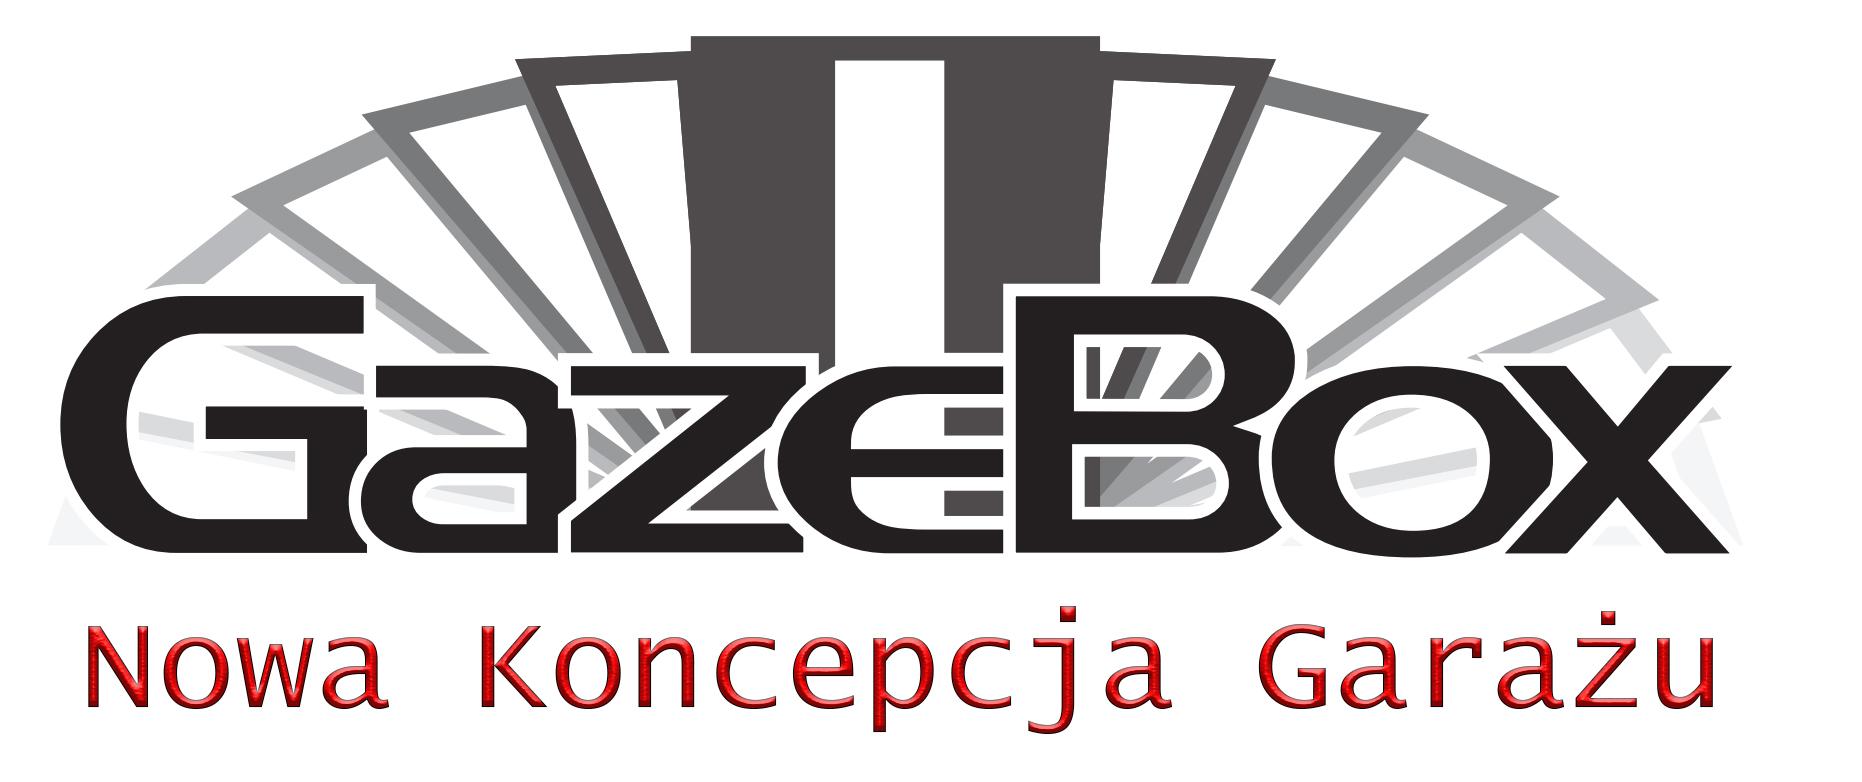 gazebox_logo_JT